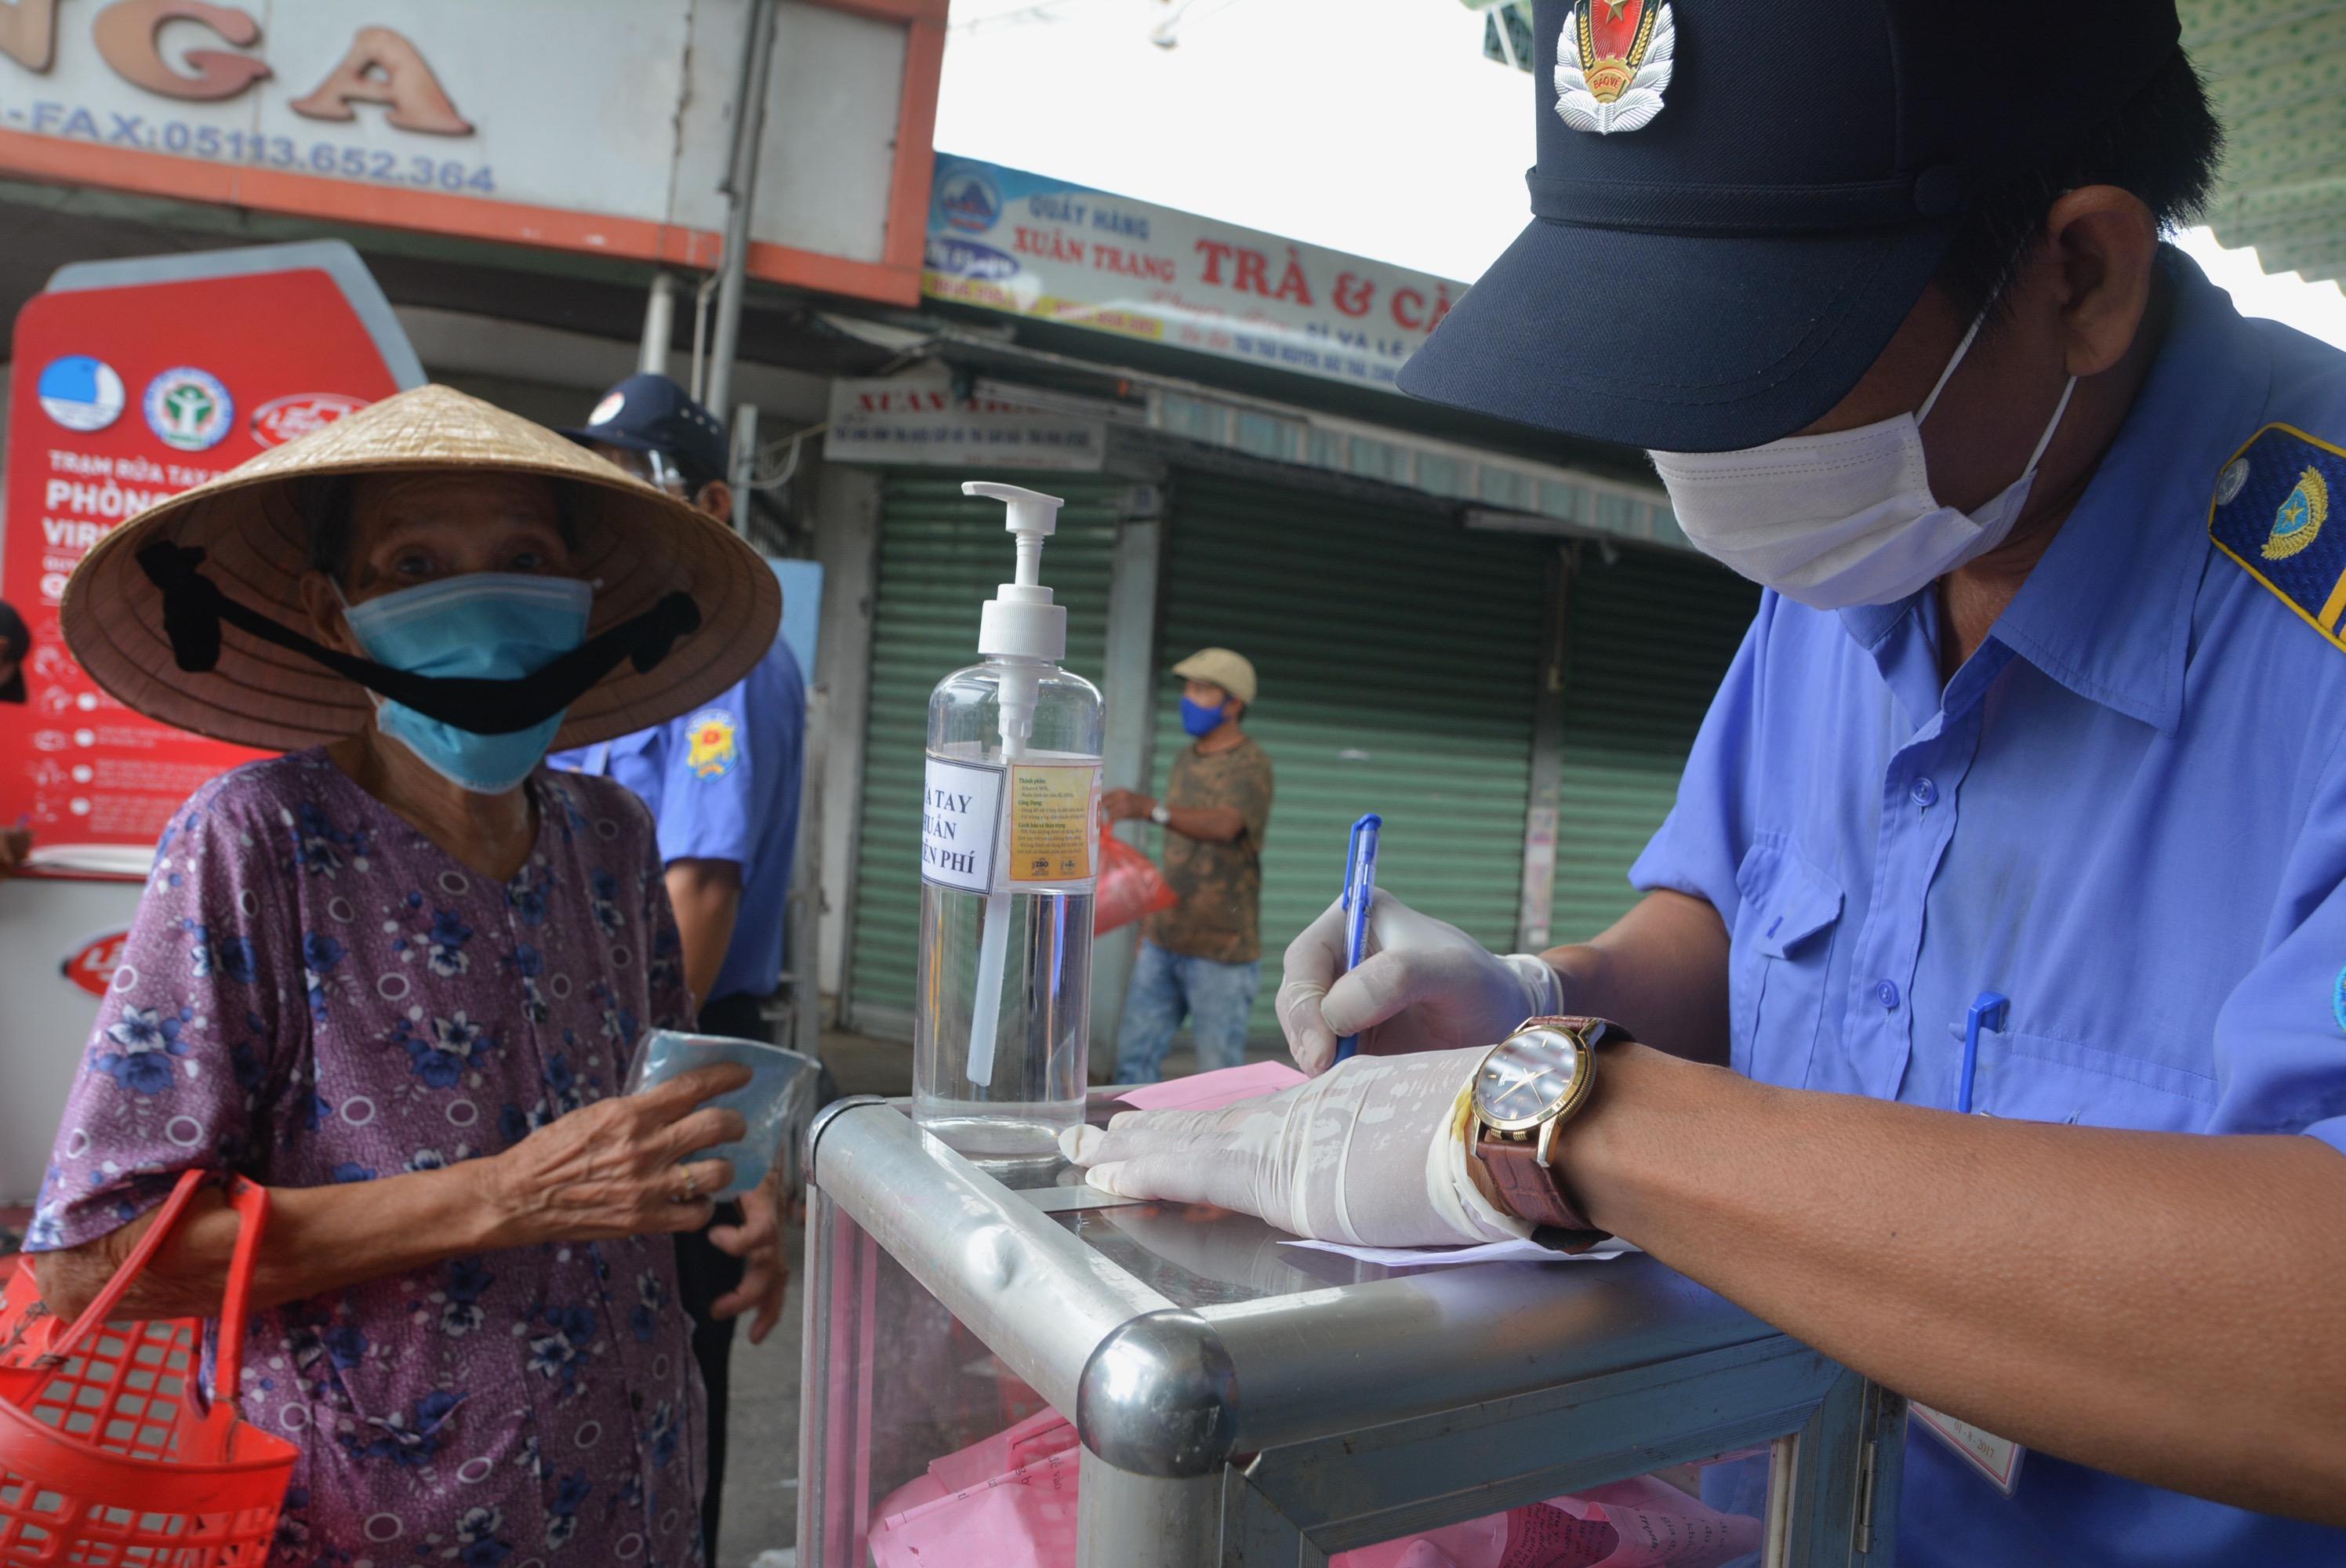 Cận cảnh lần đầu người dân Đà Nẵng dùng thẻ đi chợ - Ảnh 9.